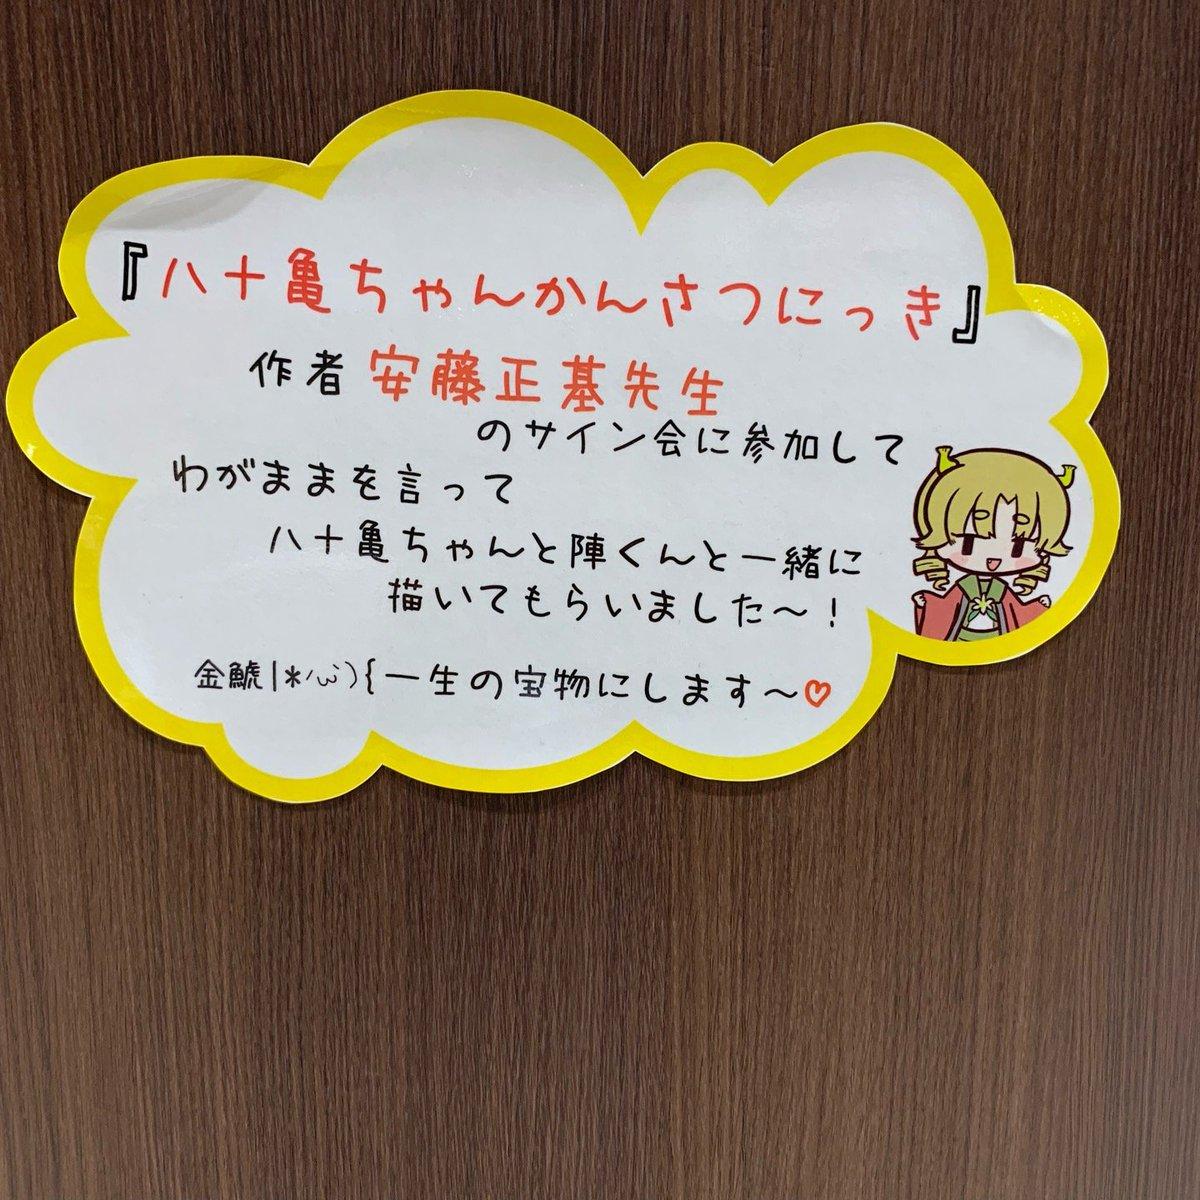 ビックカメラ 名古屋JRゲートタワー店 ビッカメ娘 なごやげーとたん(2)八十亀ちゃんかんさつにっき